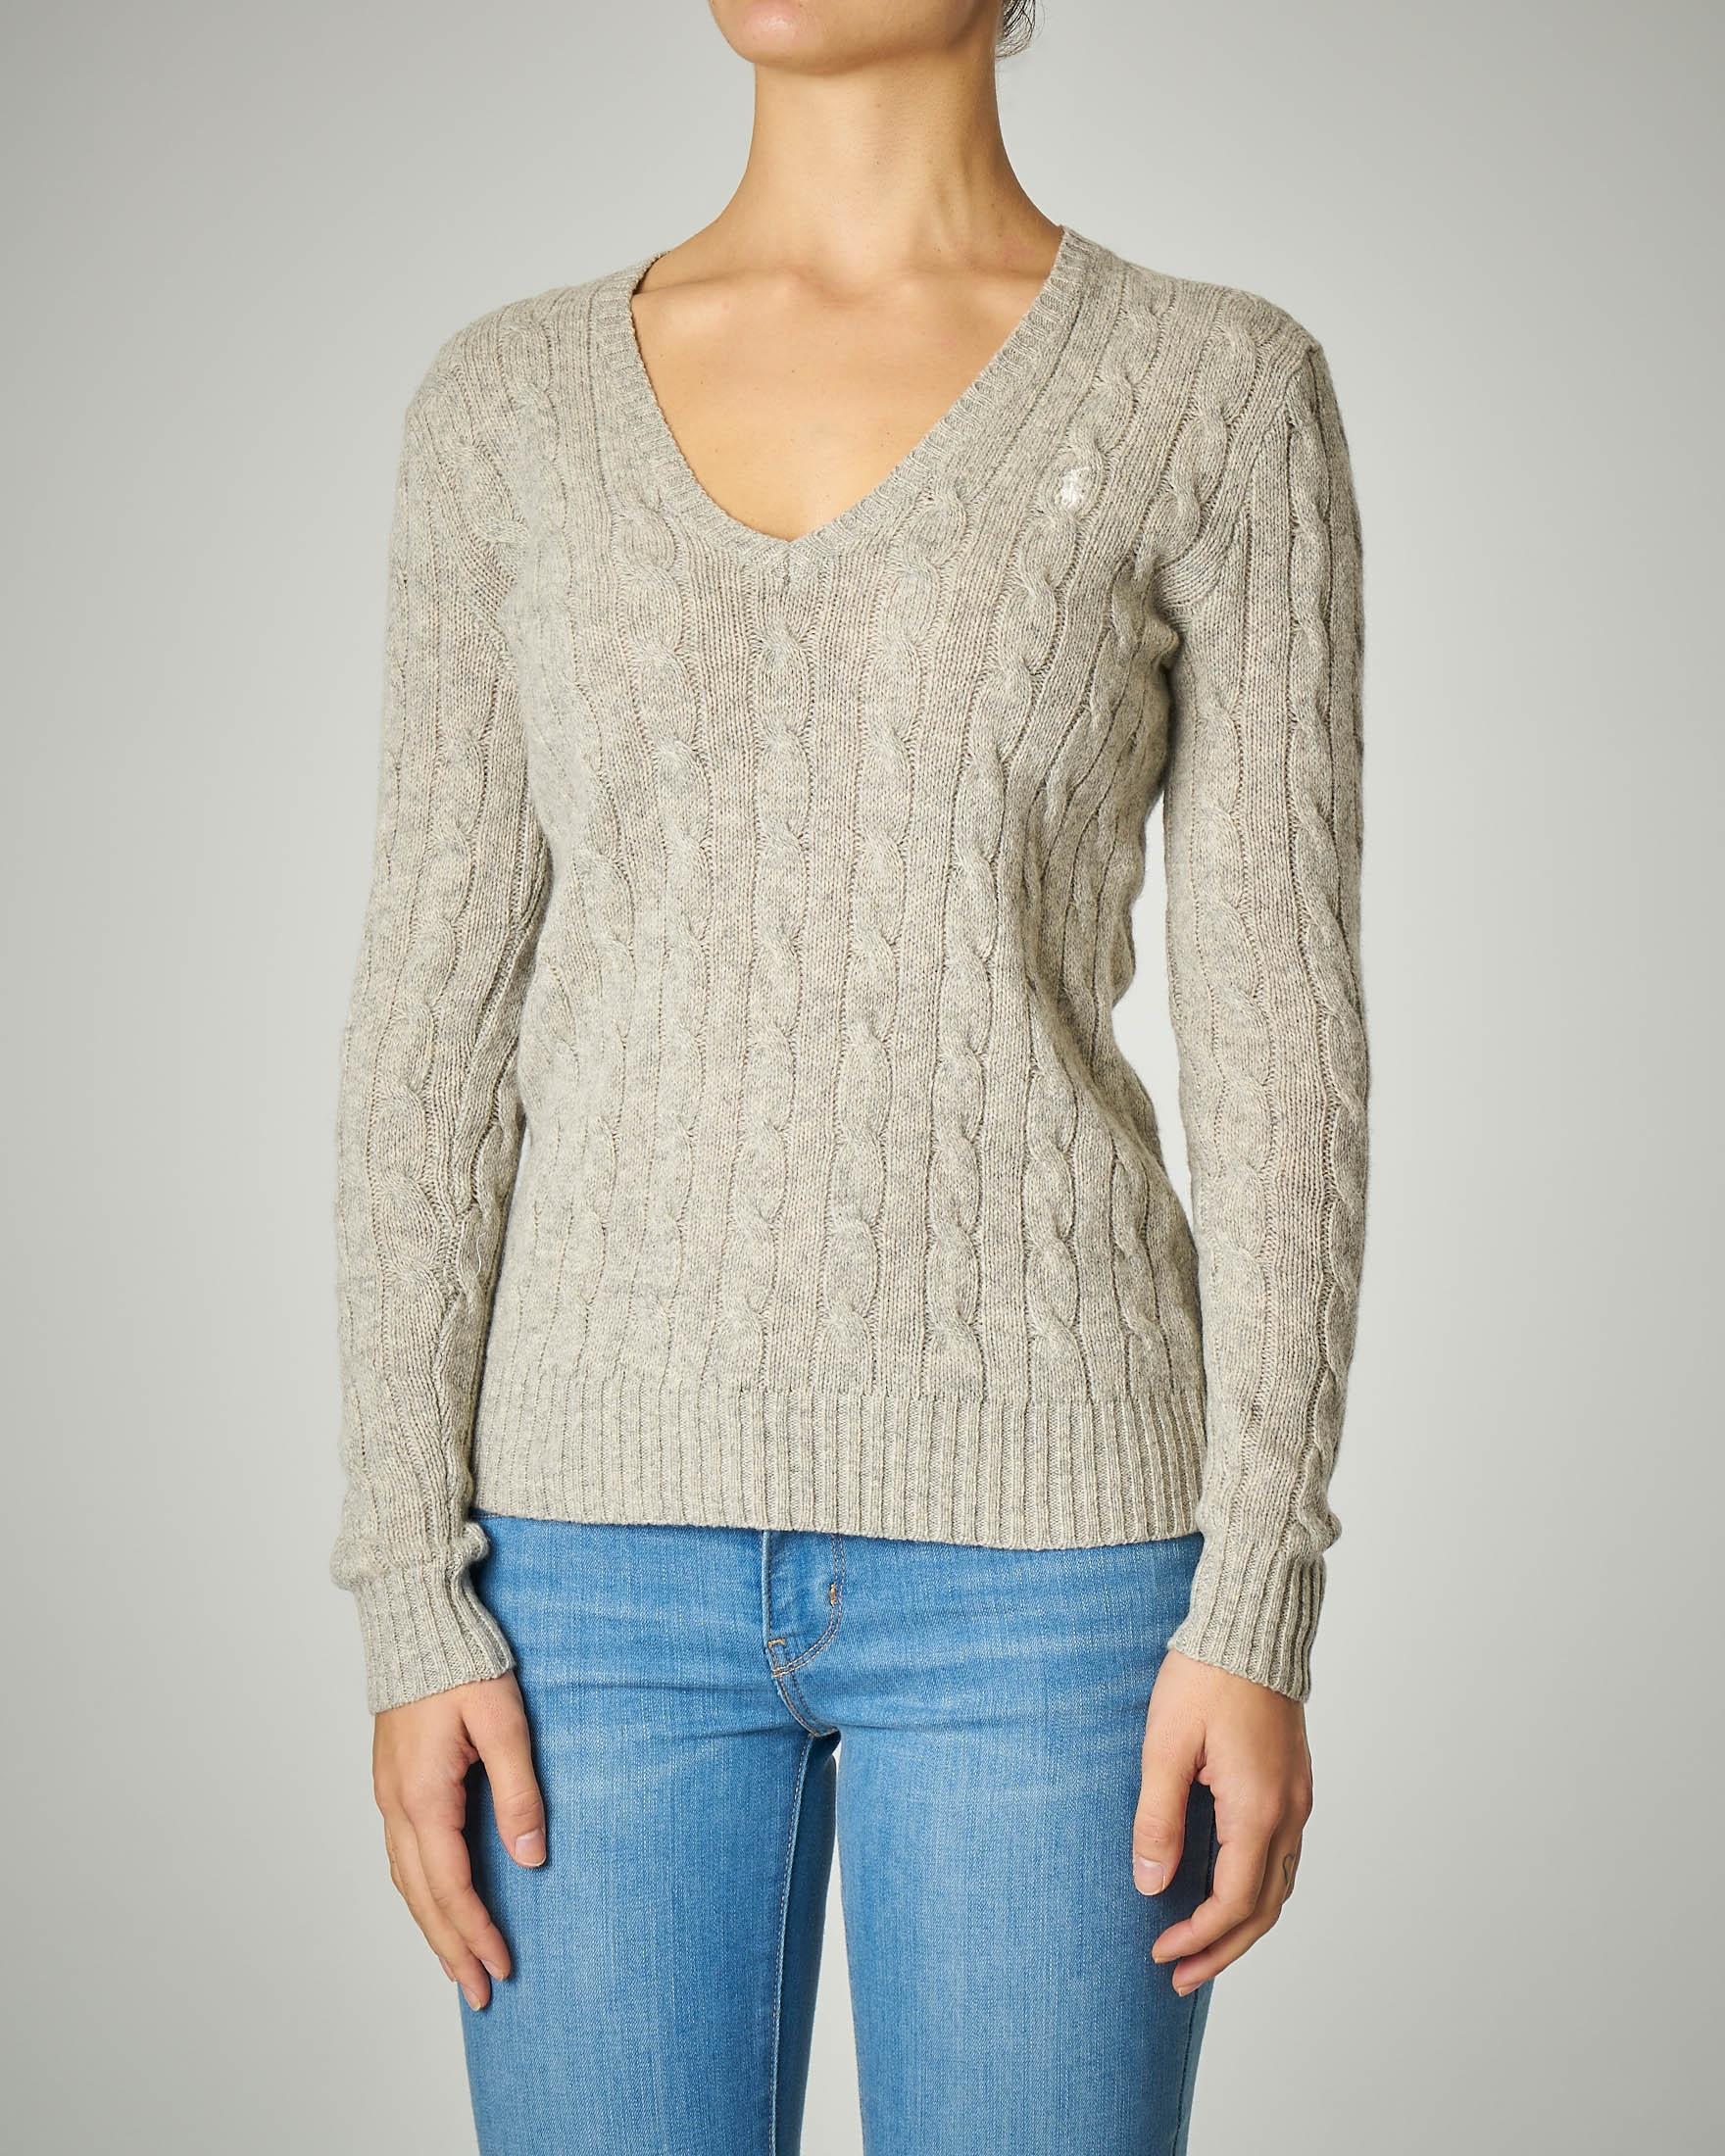 Maglia a trecce in lana e cashmere scollo a V color grigio perla